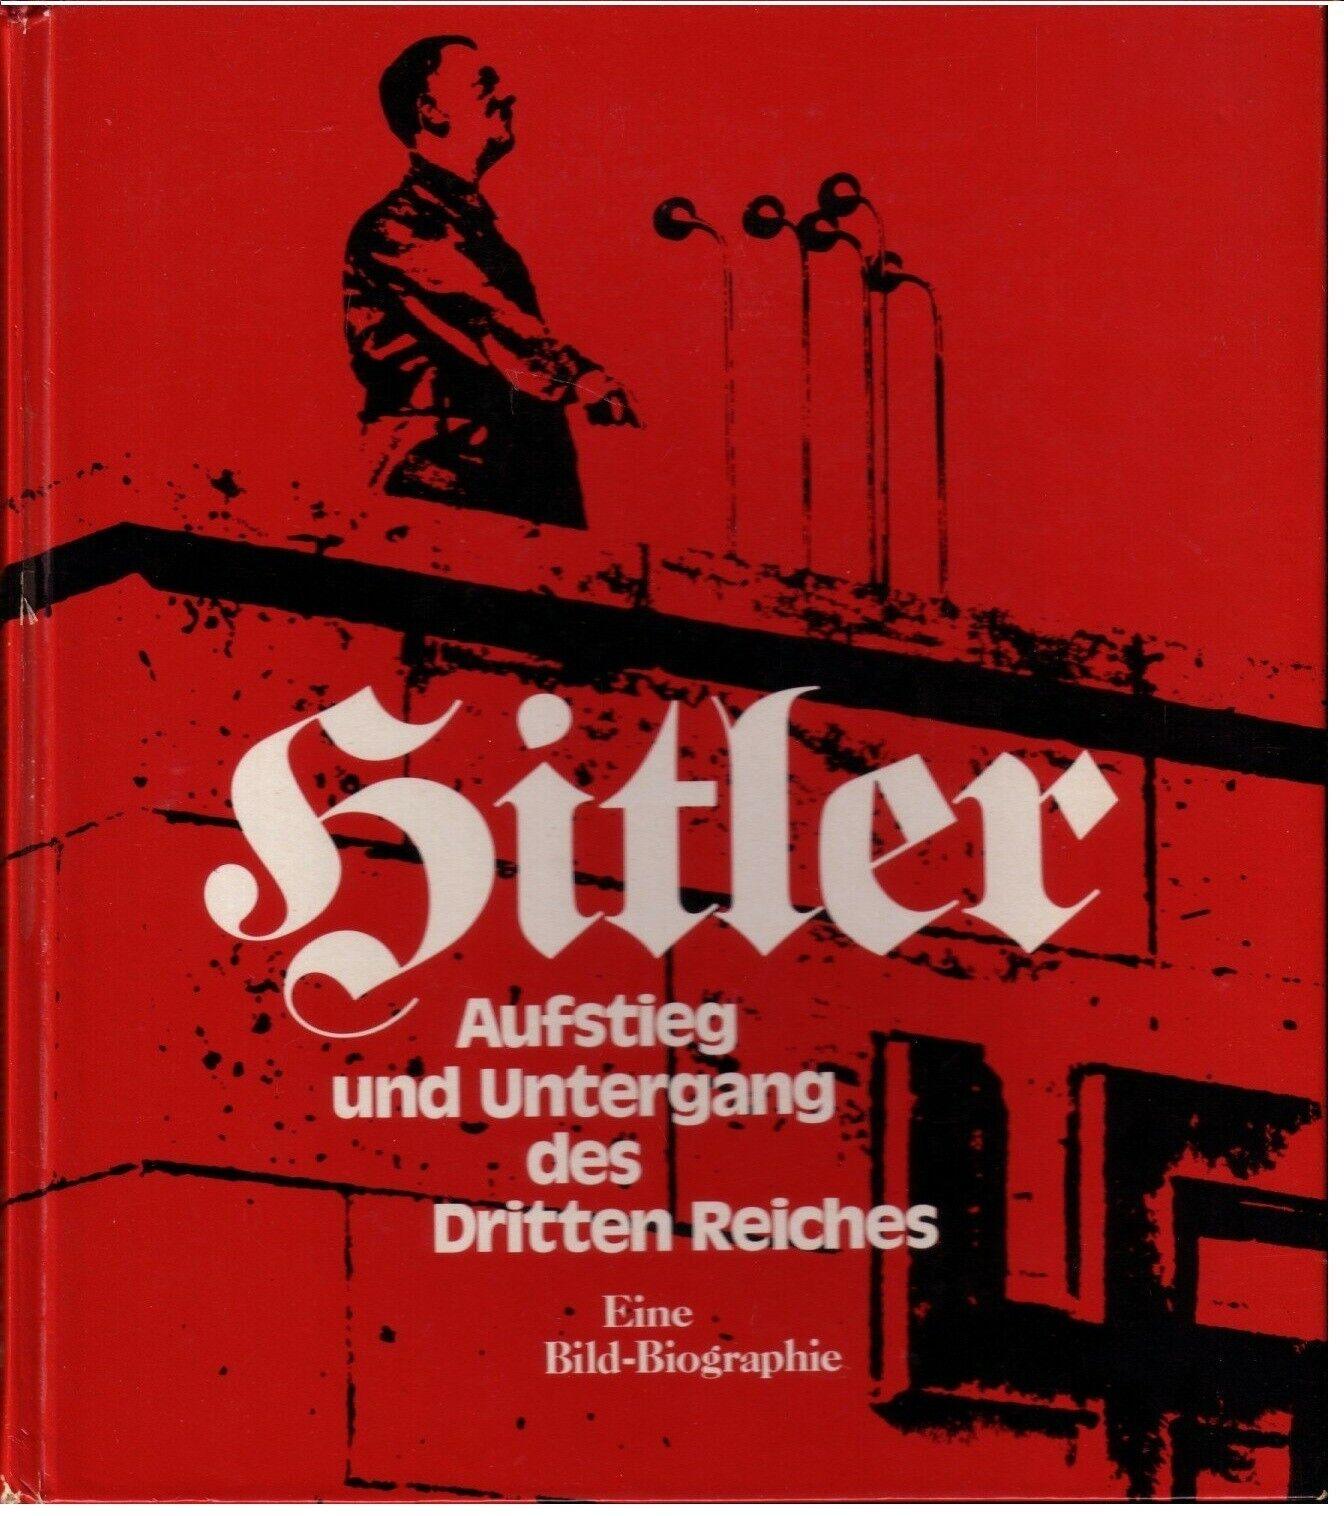 Hitler - Aufstieg und Untergang des Dritten Reiches